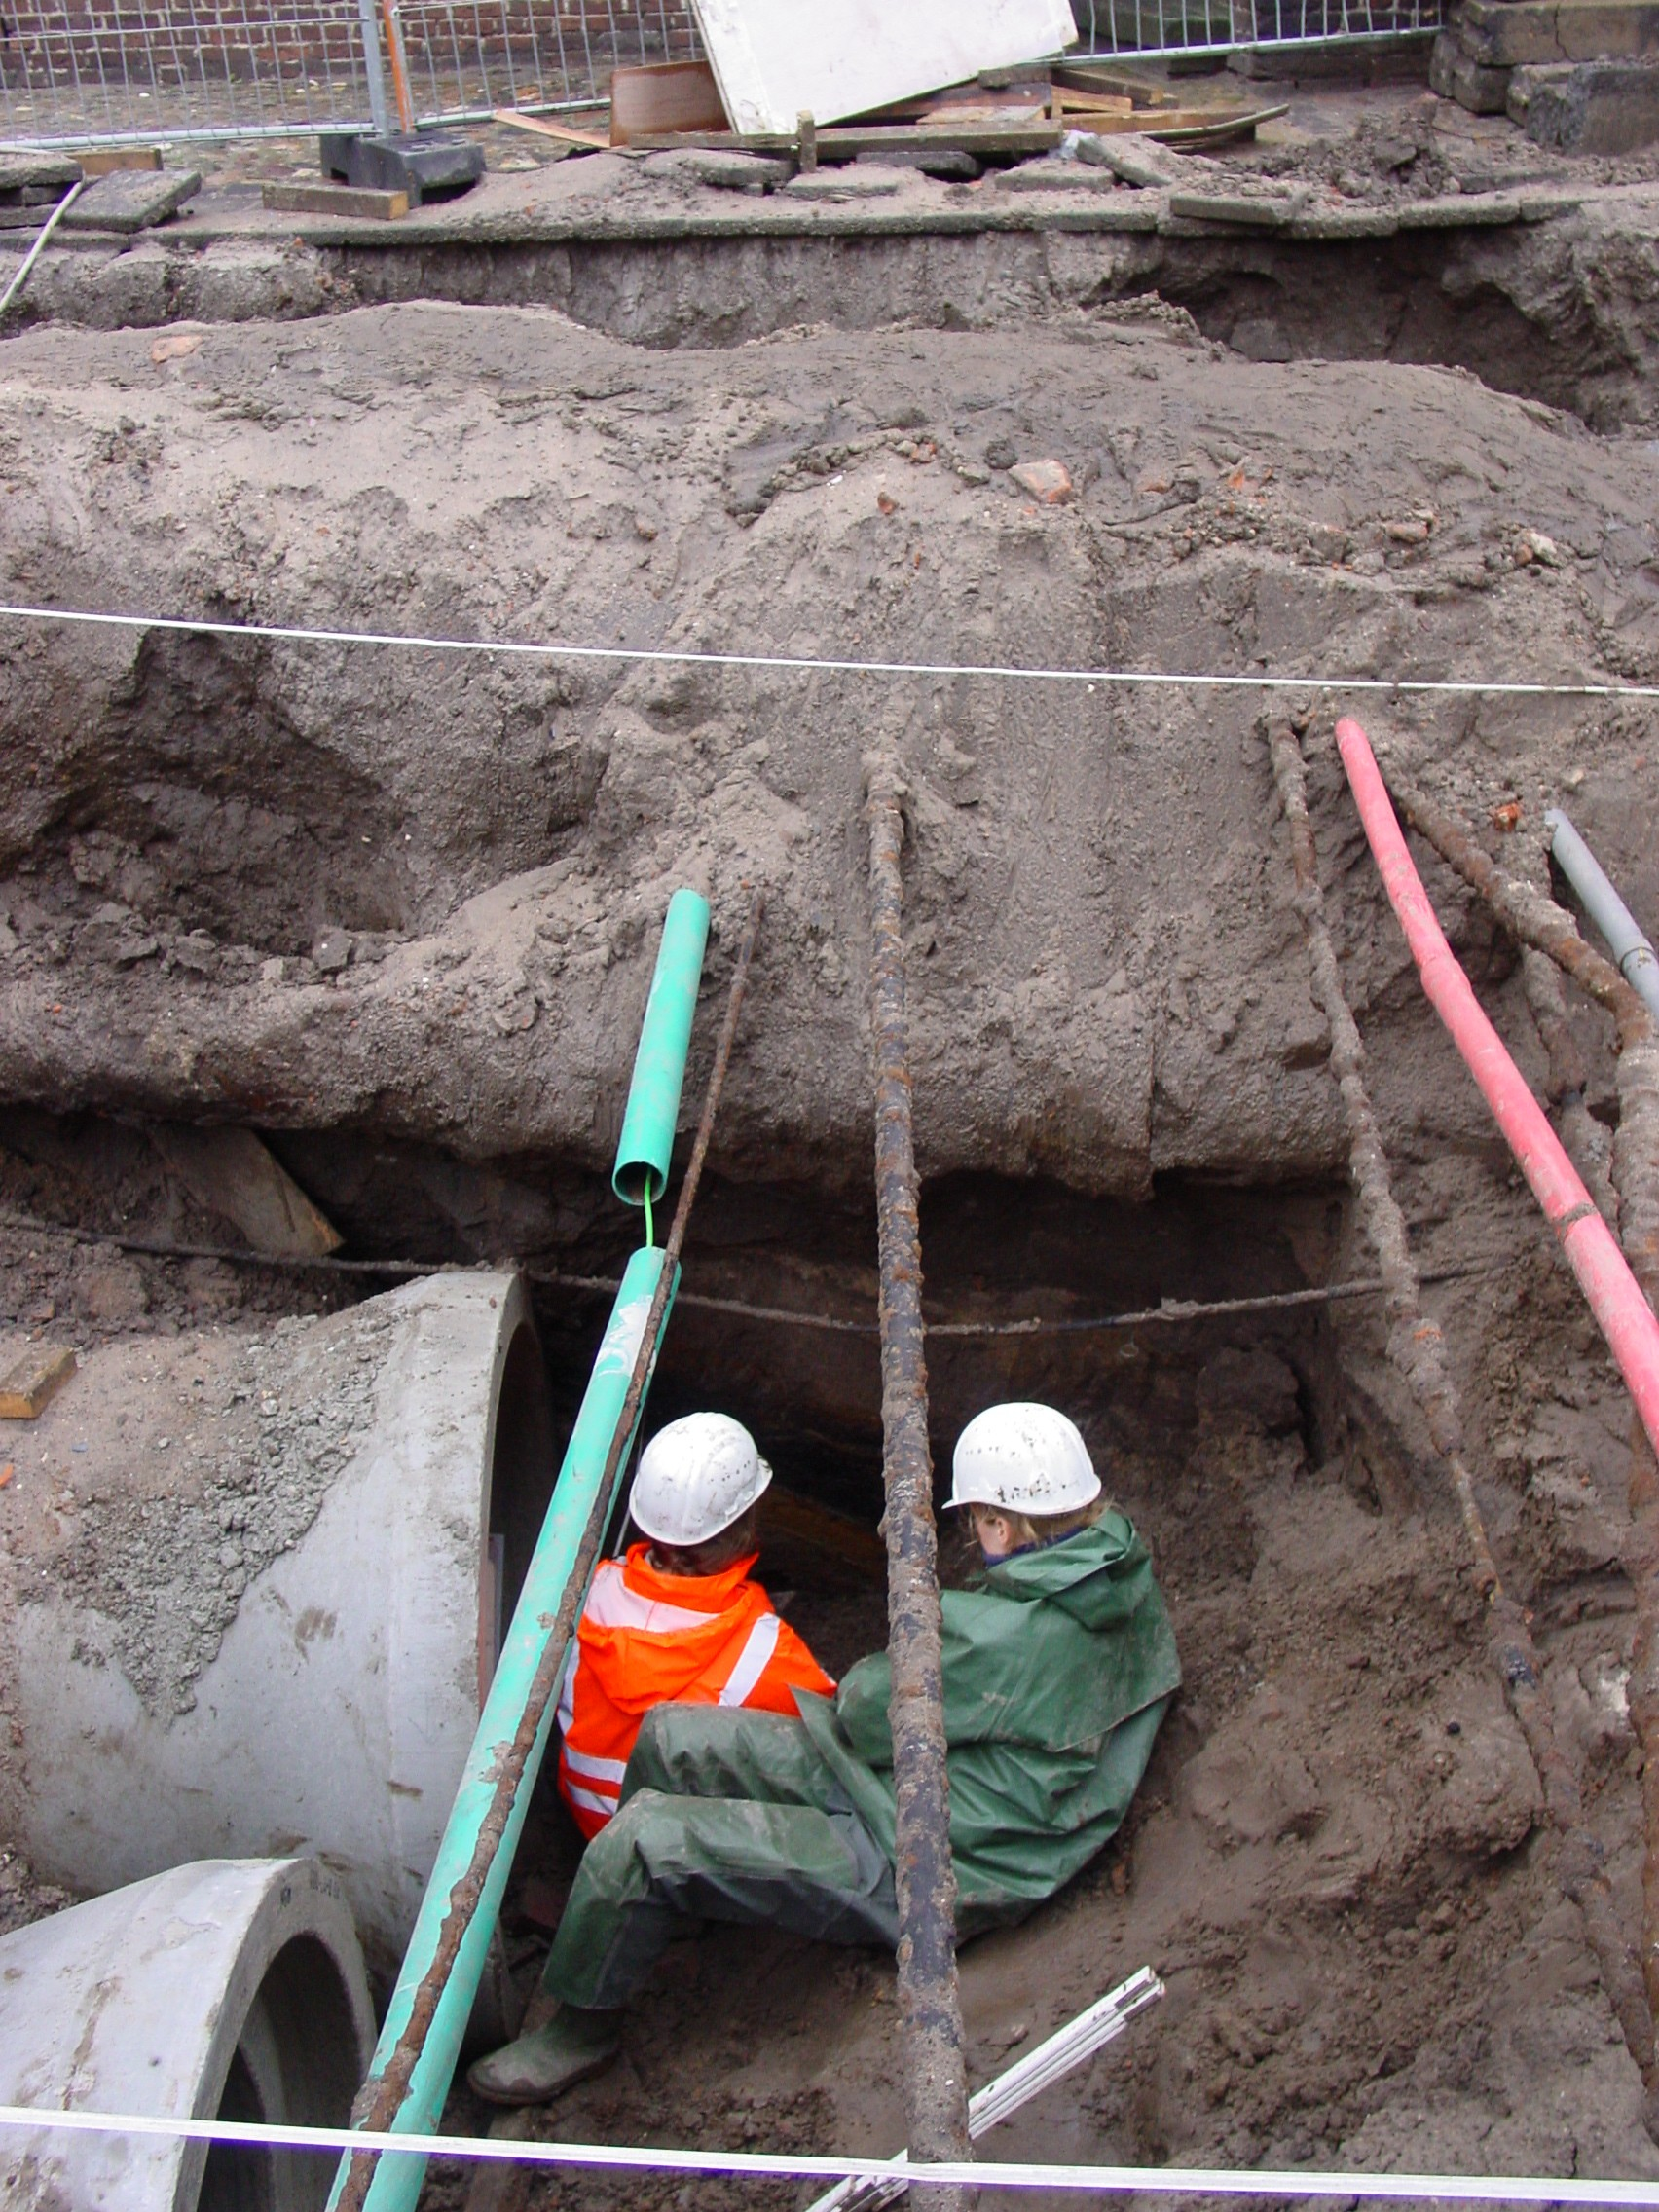 Archeologen onderzoeken sporen tussen de kabels en leidingen